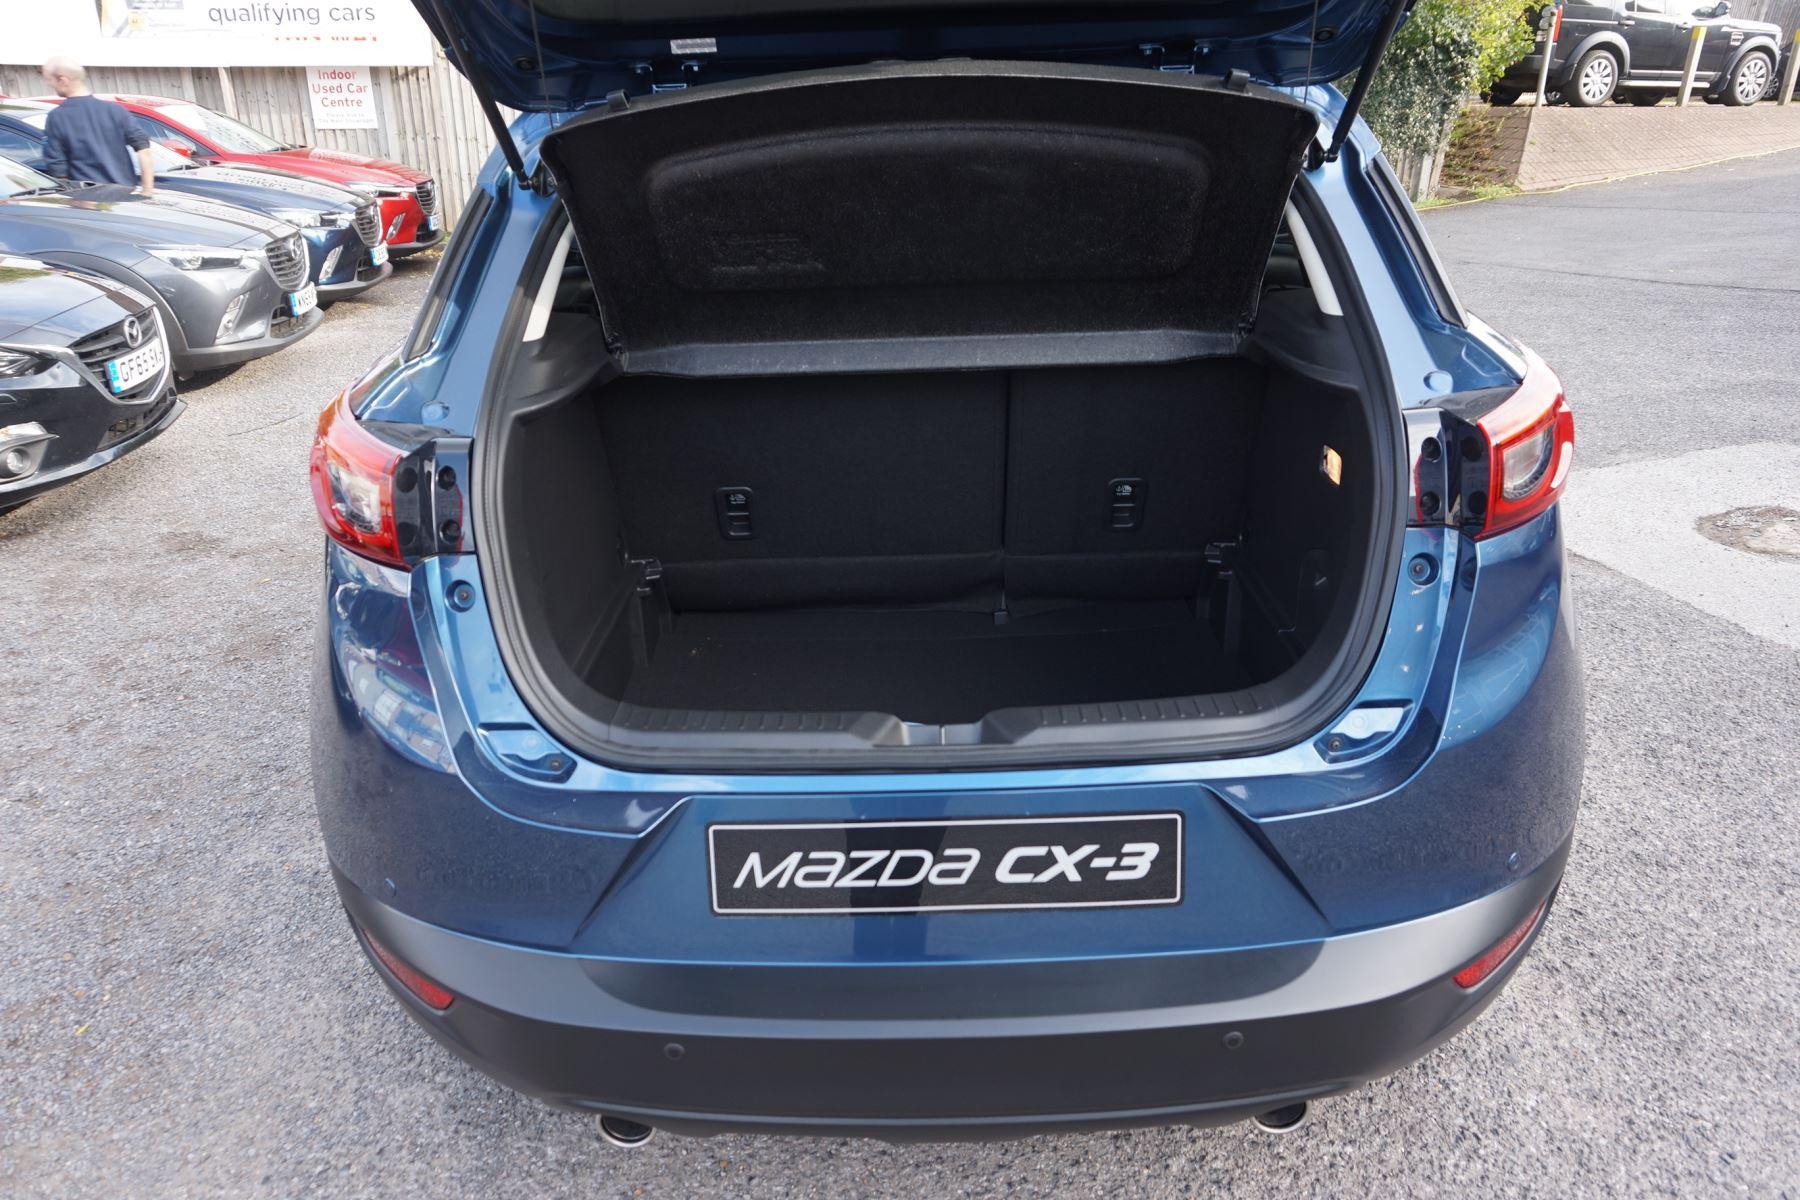 Mazda CX-3 1.5d SE-L Nav 5dr image 6